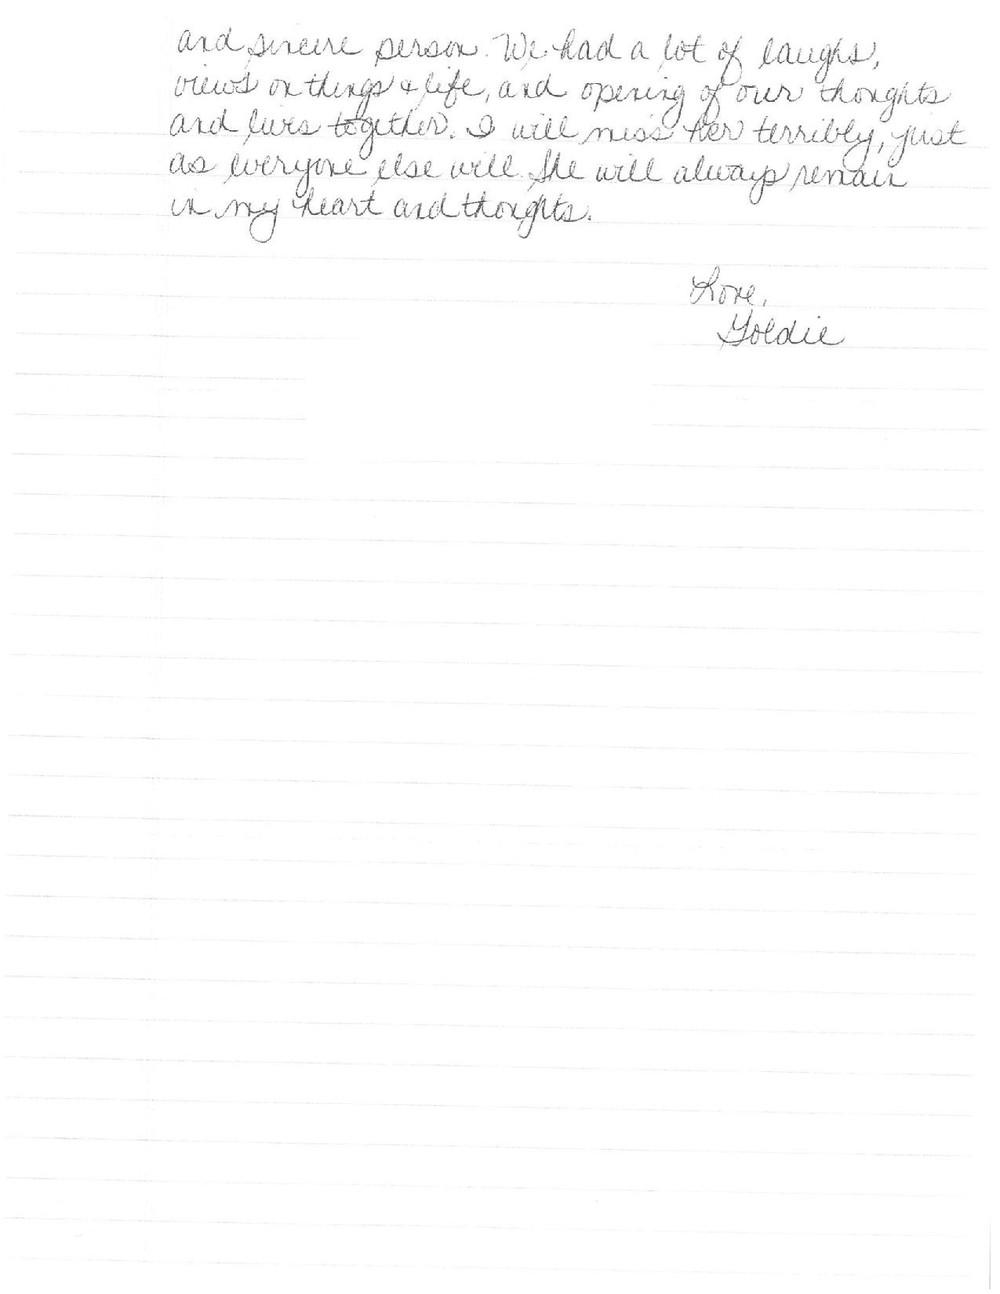 Goldie-page-002.jpg